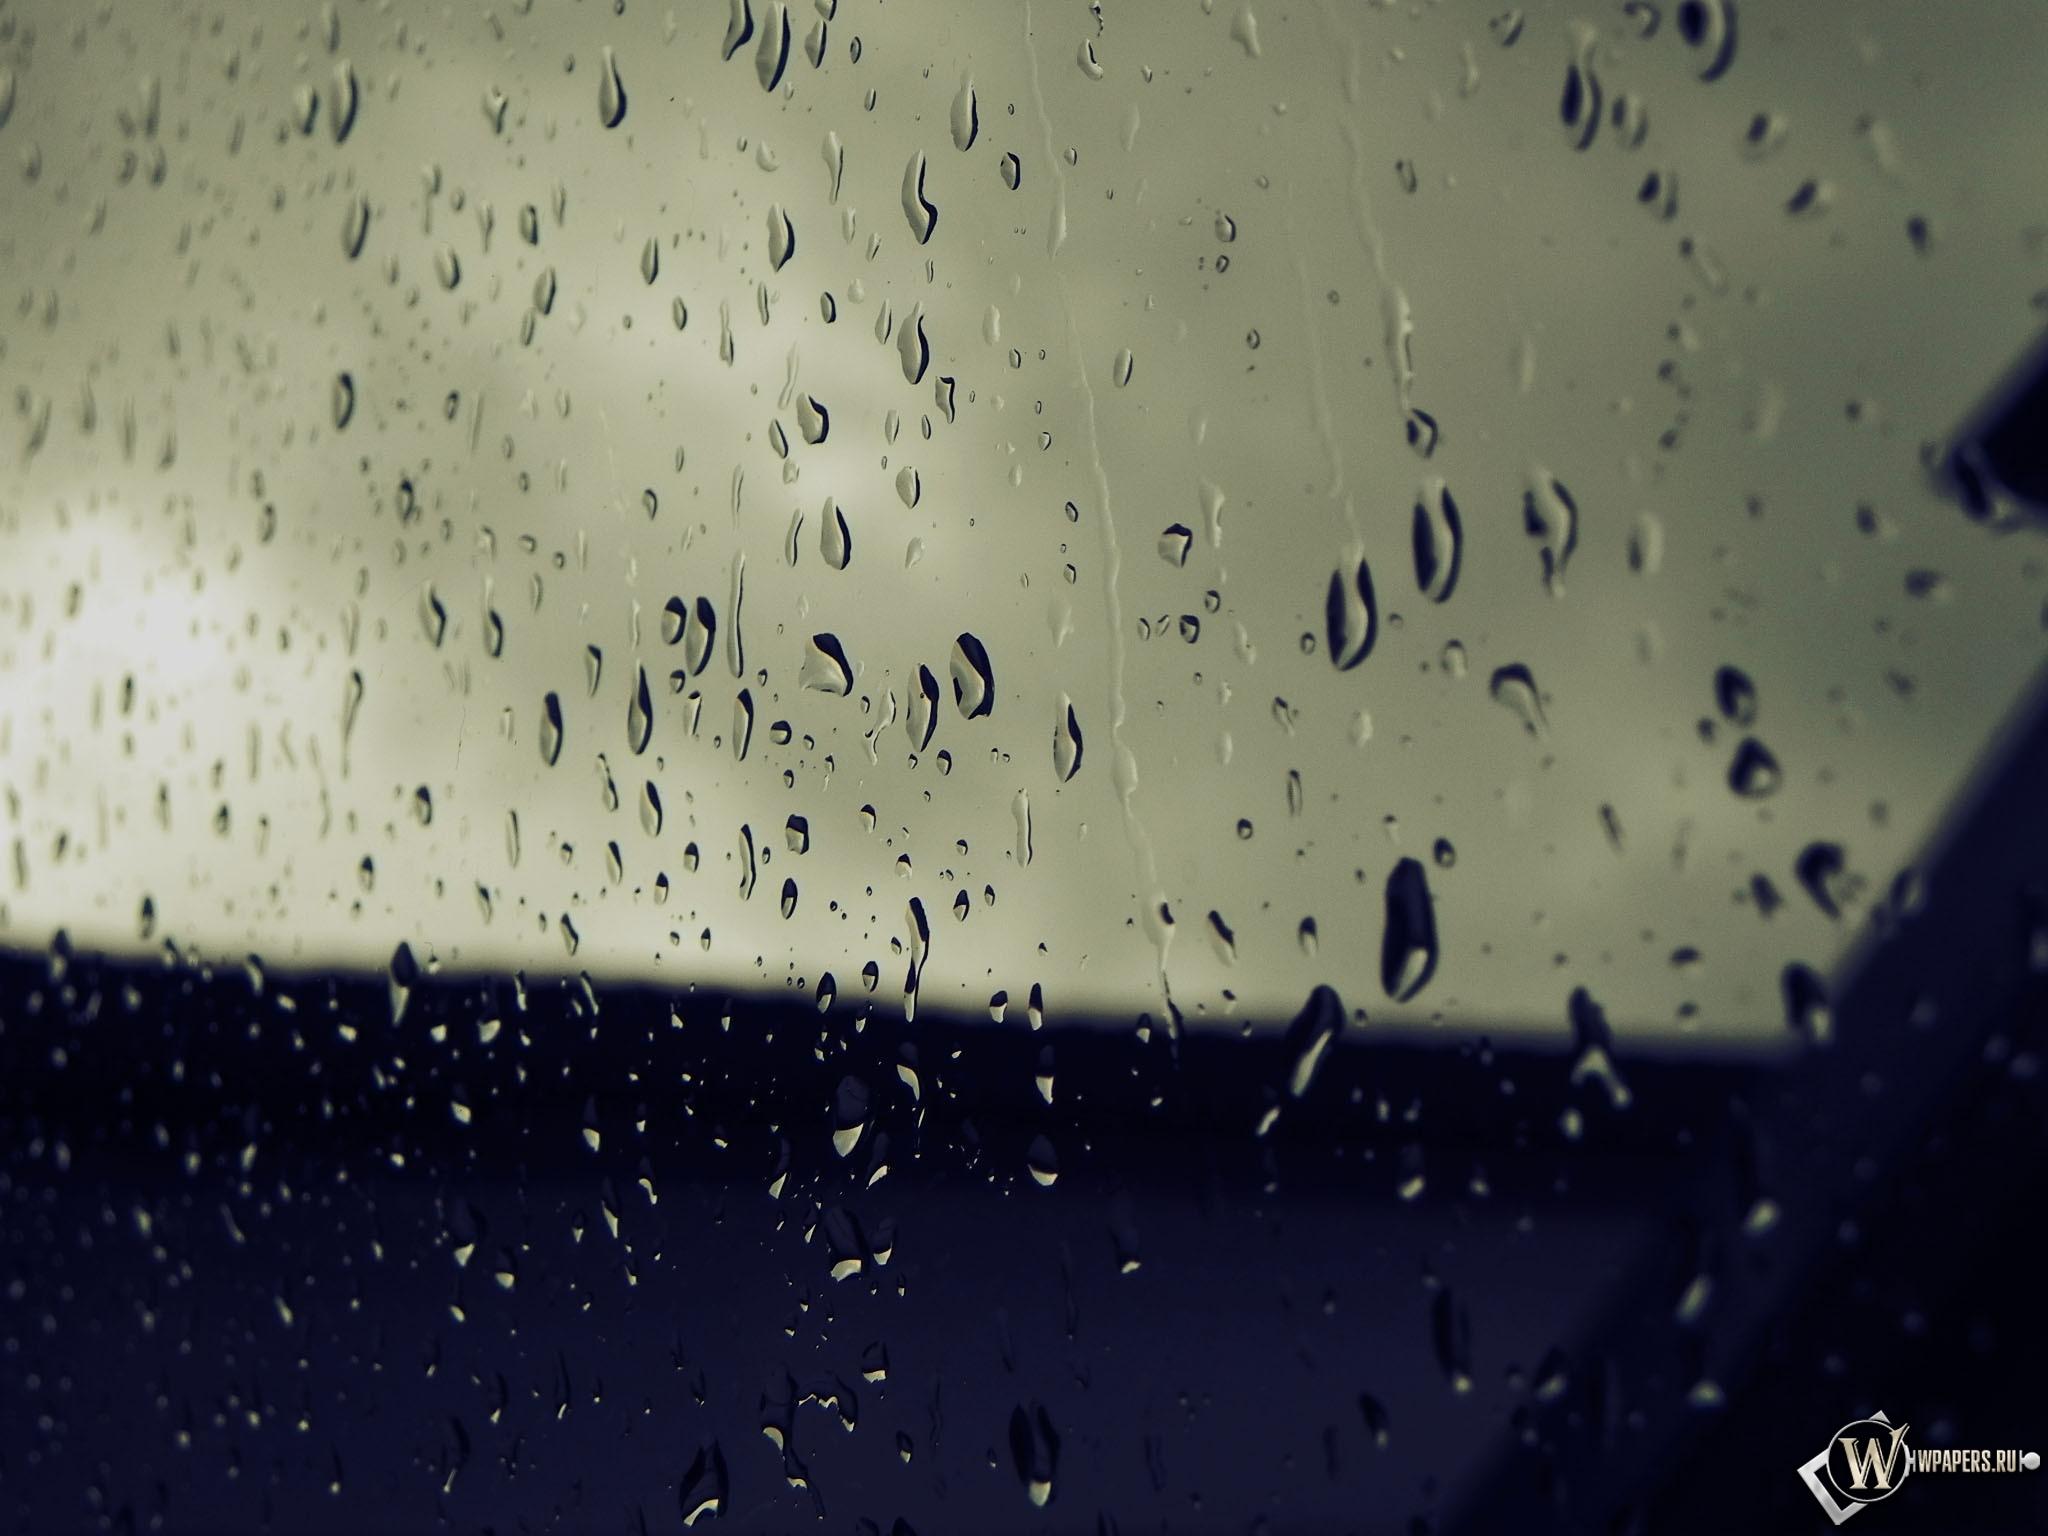 Дождь на стекле 2048x1536